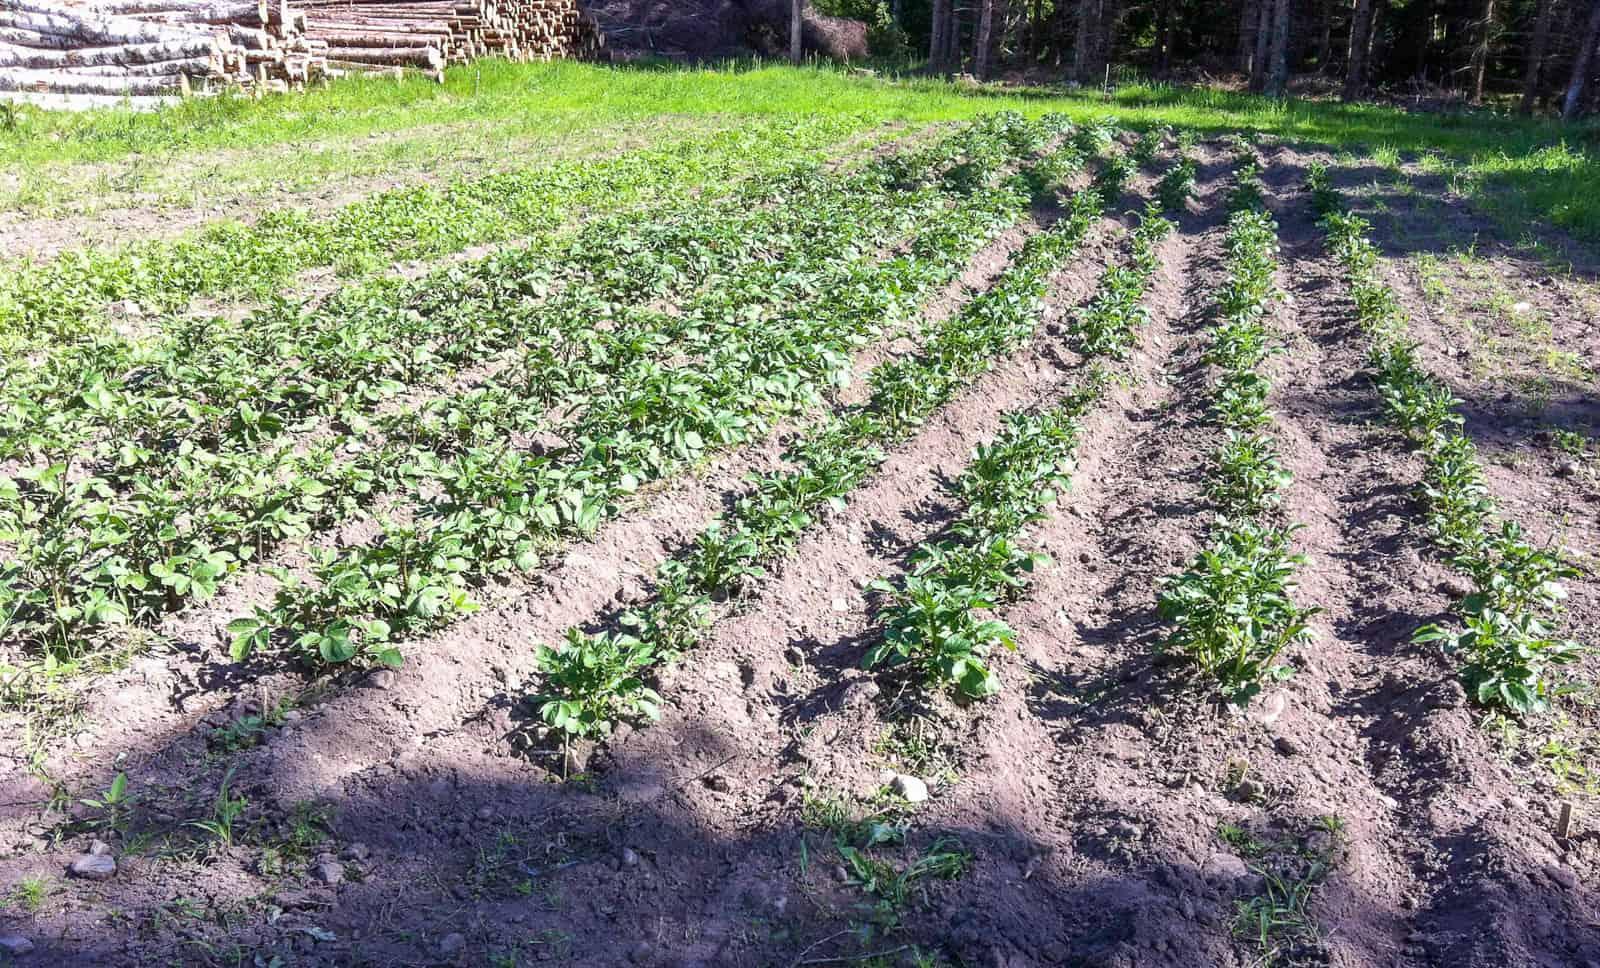 Potatis och andra rotfrukter går att lagra och det behövs inga stora ytor för att bli självförsörjande.